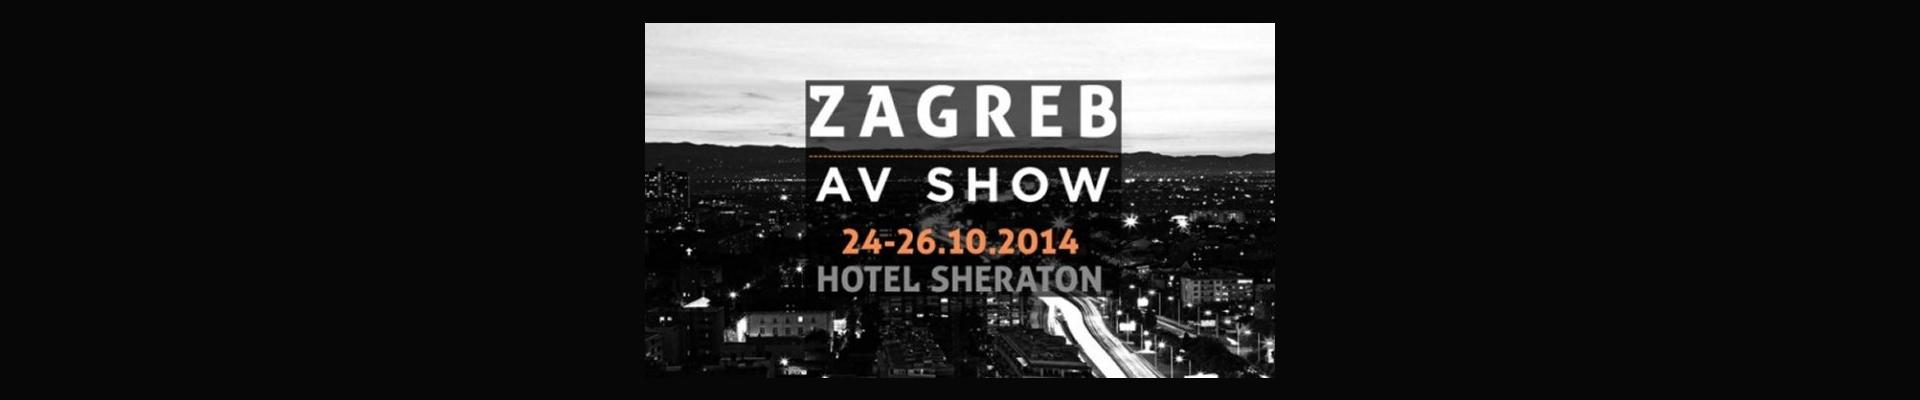 Zagreb Av Show 2014 Sigma Audio